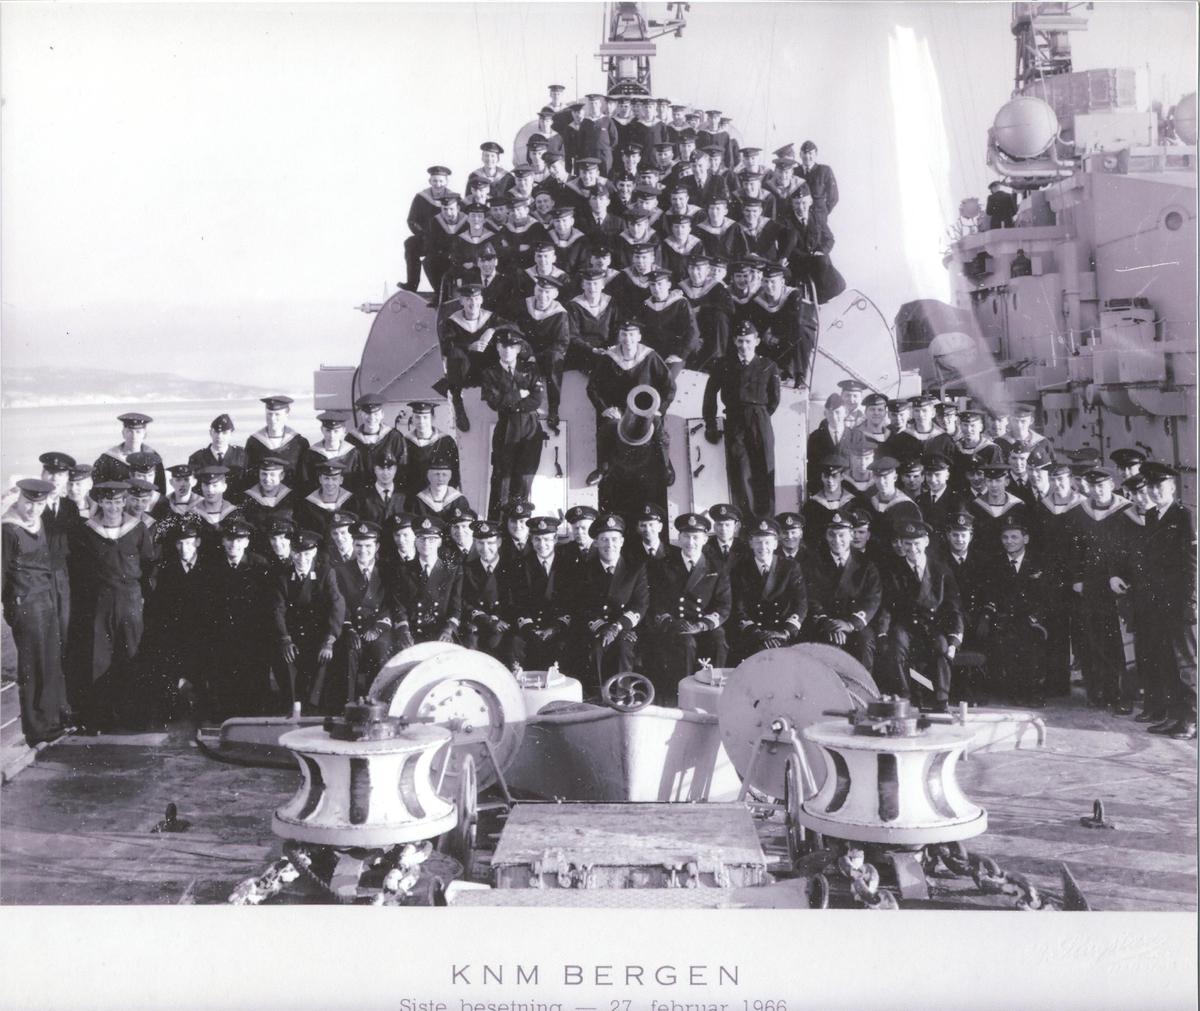 Jageren KNM Bergens siste besetning 27.februar 1966.